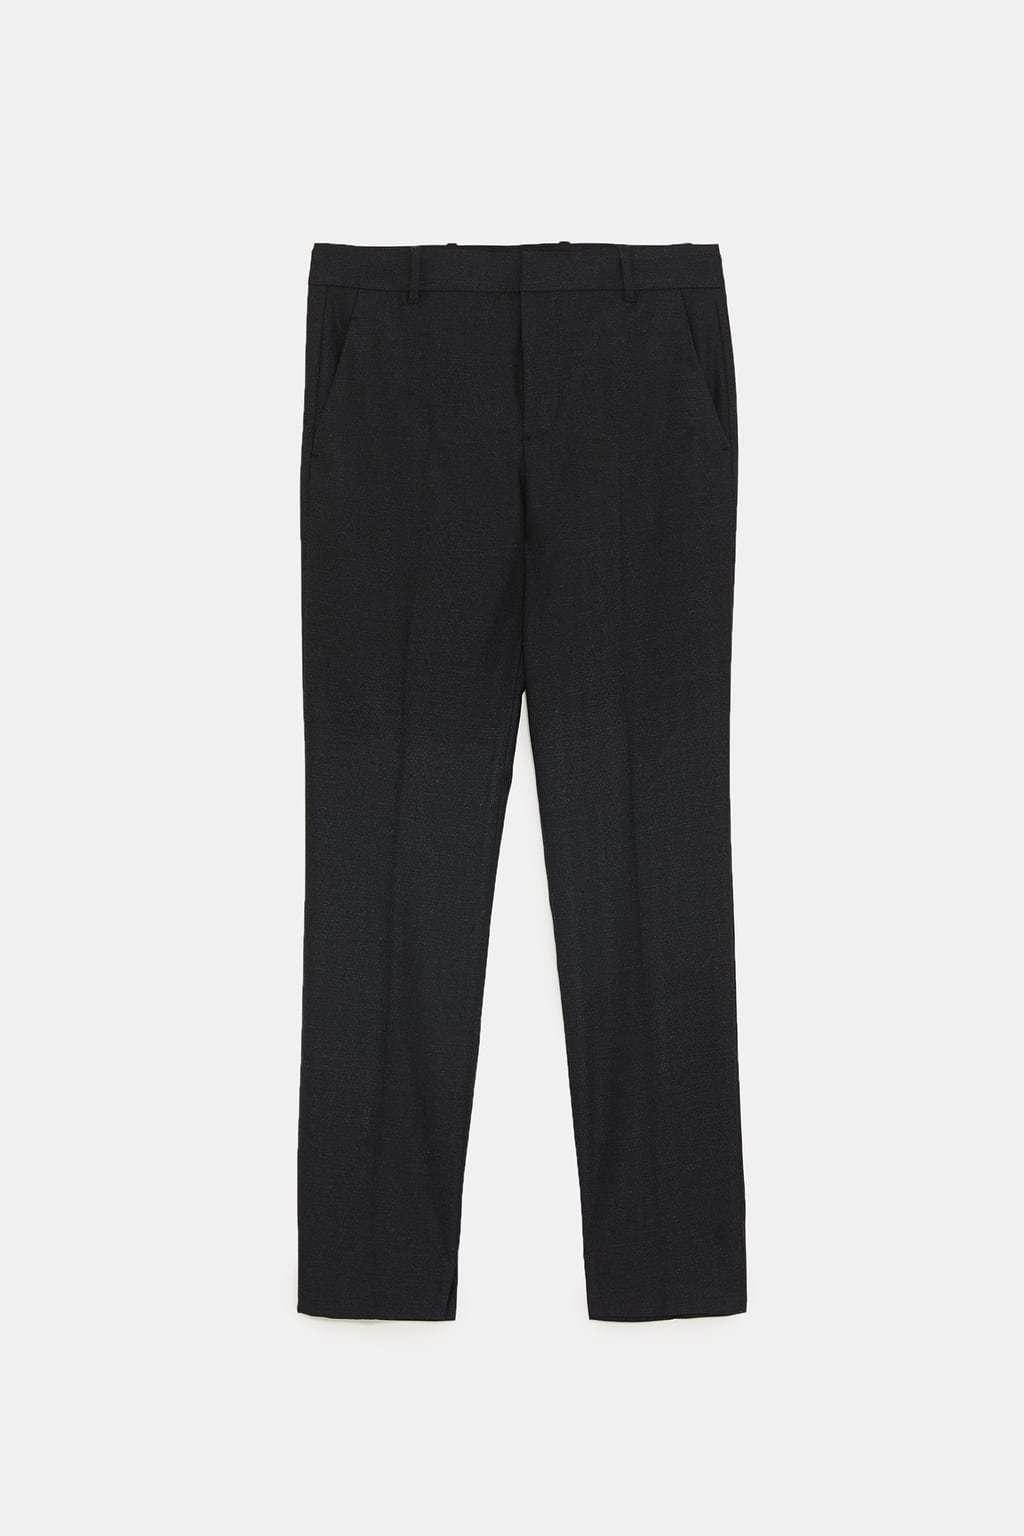 Pantalón de vestir en gris marengo, de Zara (29,95 euros).